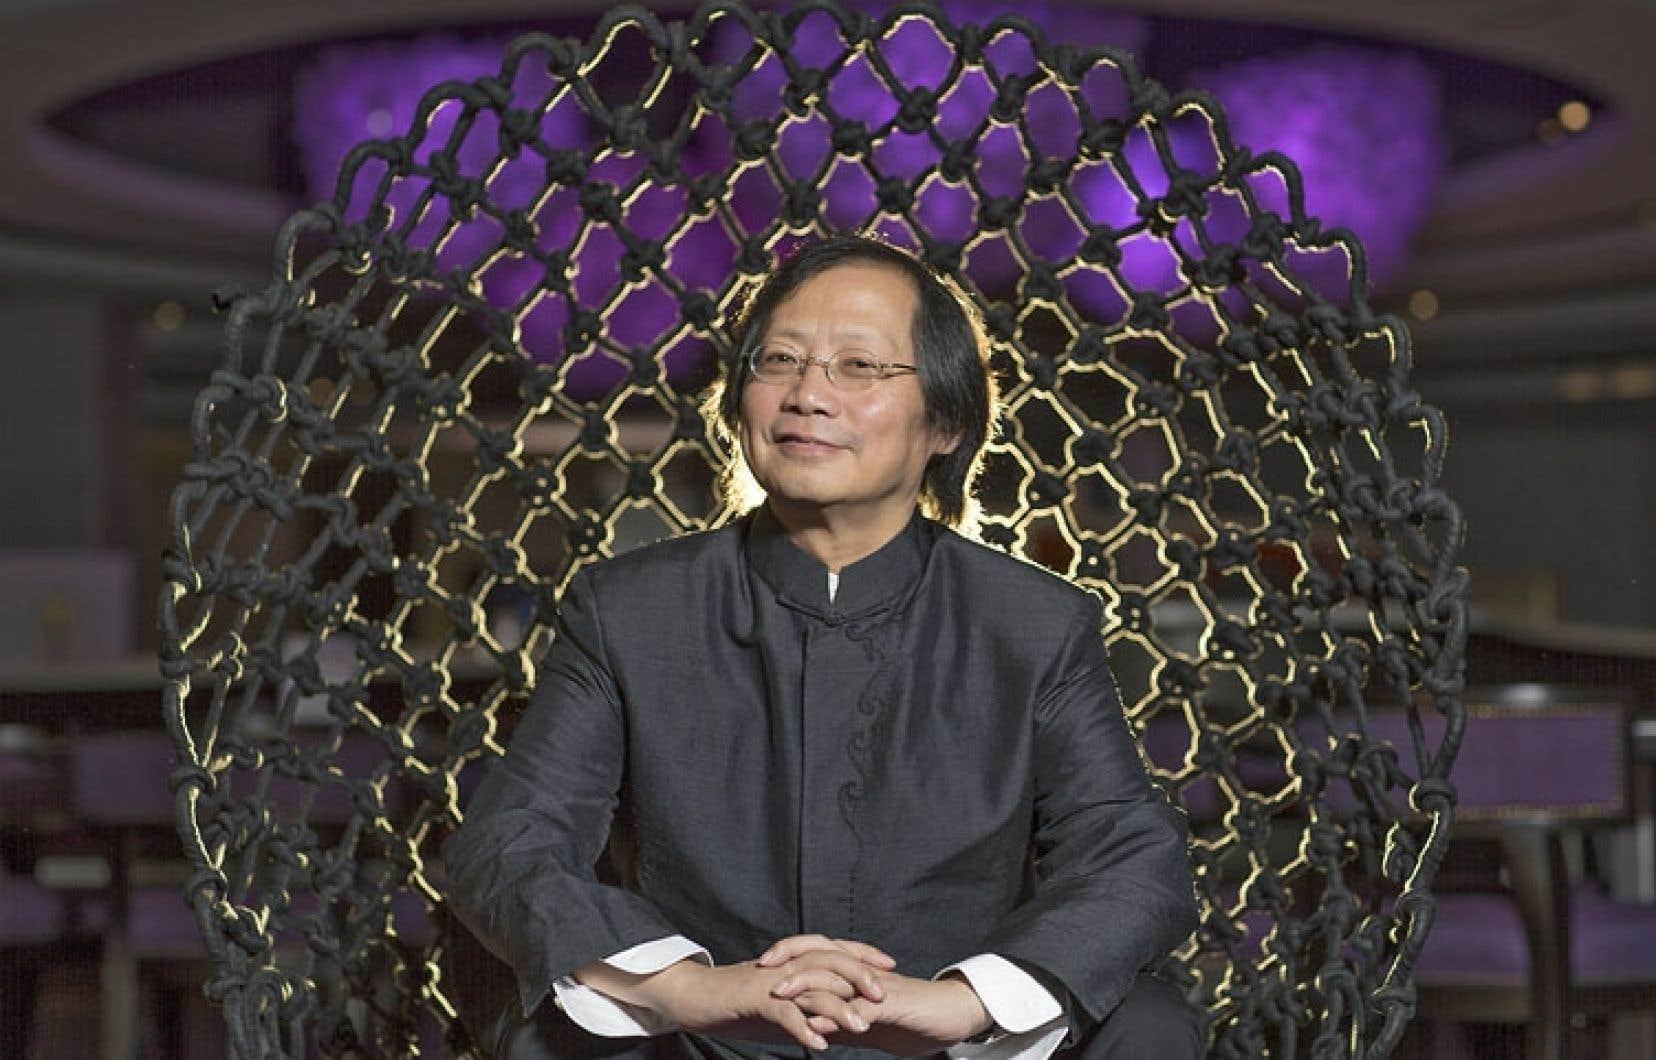 À ce jour, les films et les livres de Dai Sijie restent interdits en Chine, son pays d'origine.